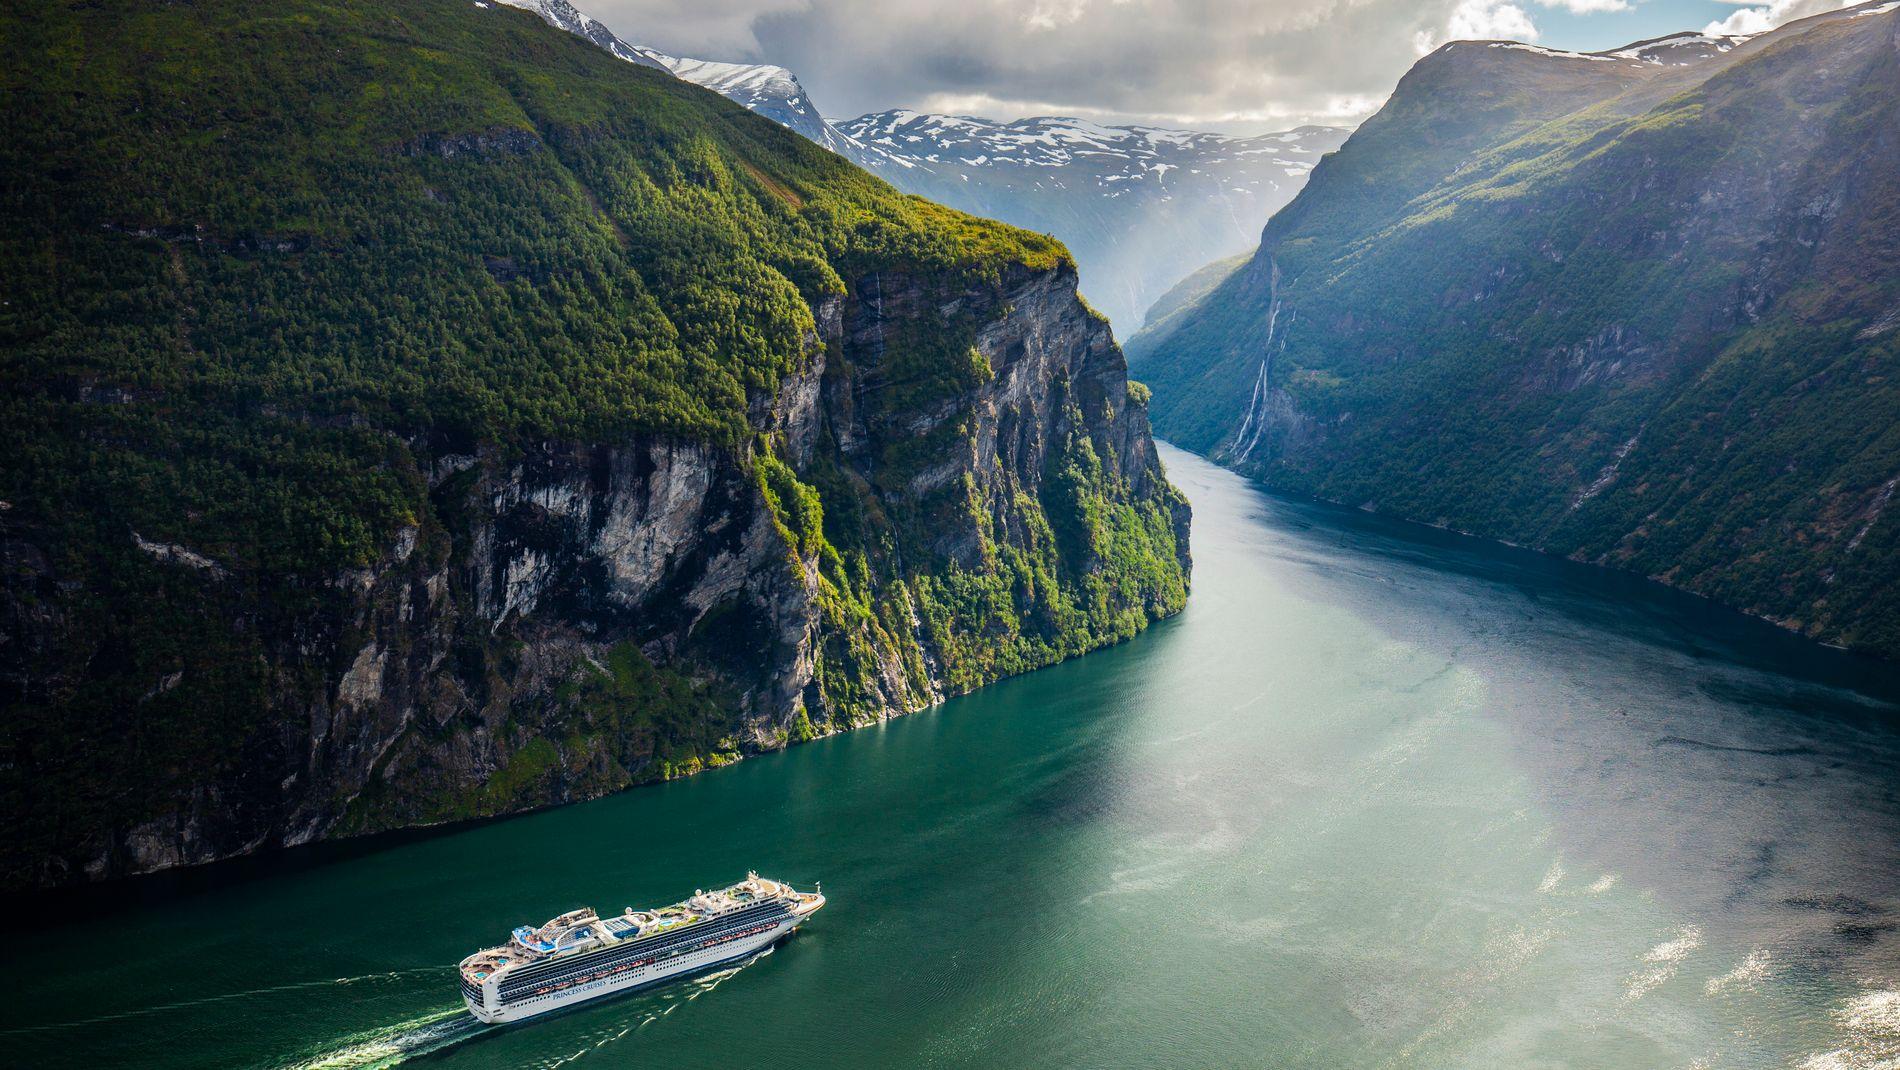 VERN AV VERDENSARV: Norske myndigheter ønsker å forhindre at store skip slipper ut avfallsstoffer i blant annet Geirangerfjorden. Det gjøres på gal måte, mener verdens største cruisebransjeorganisasjon.